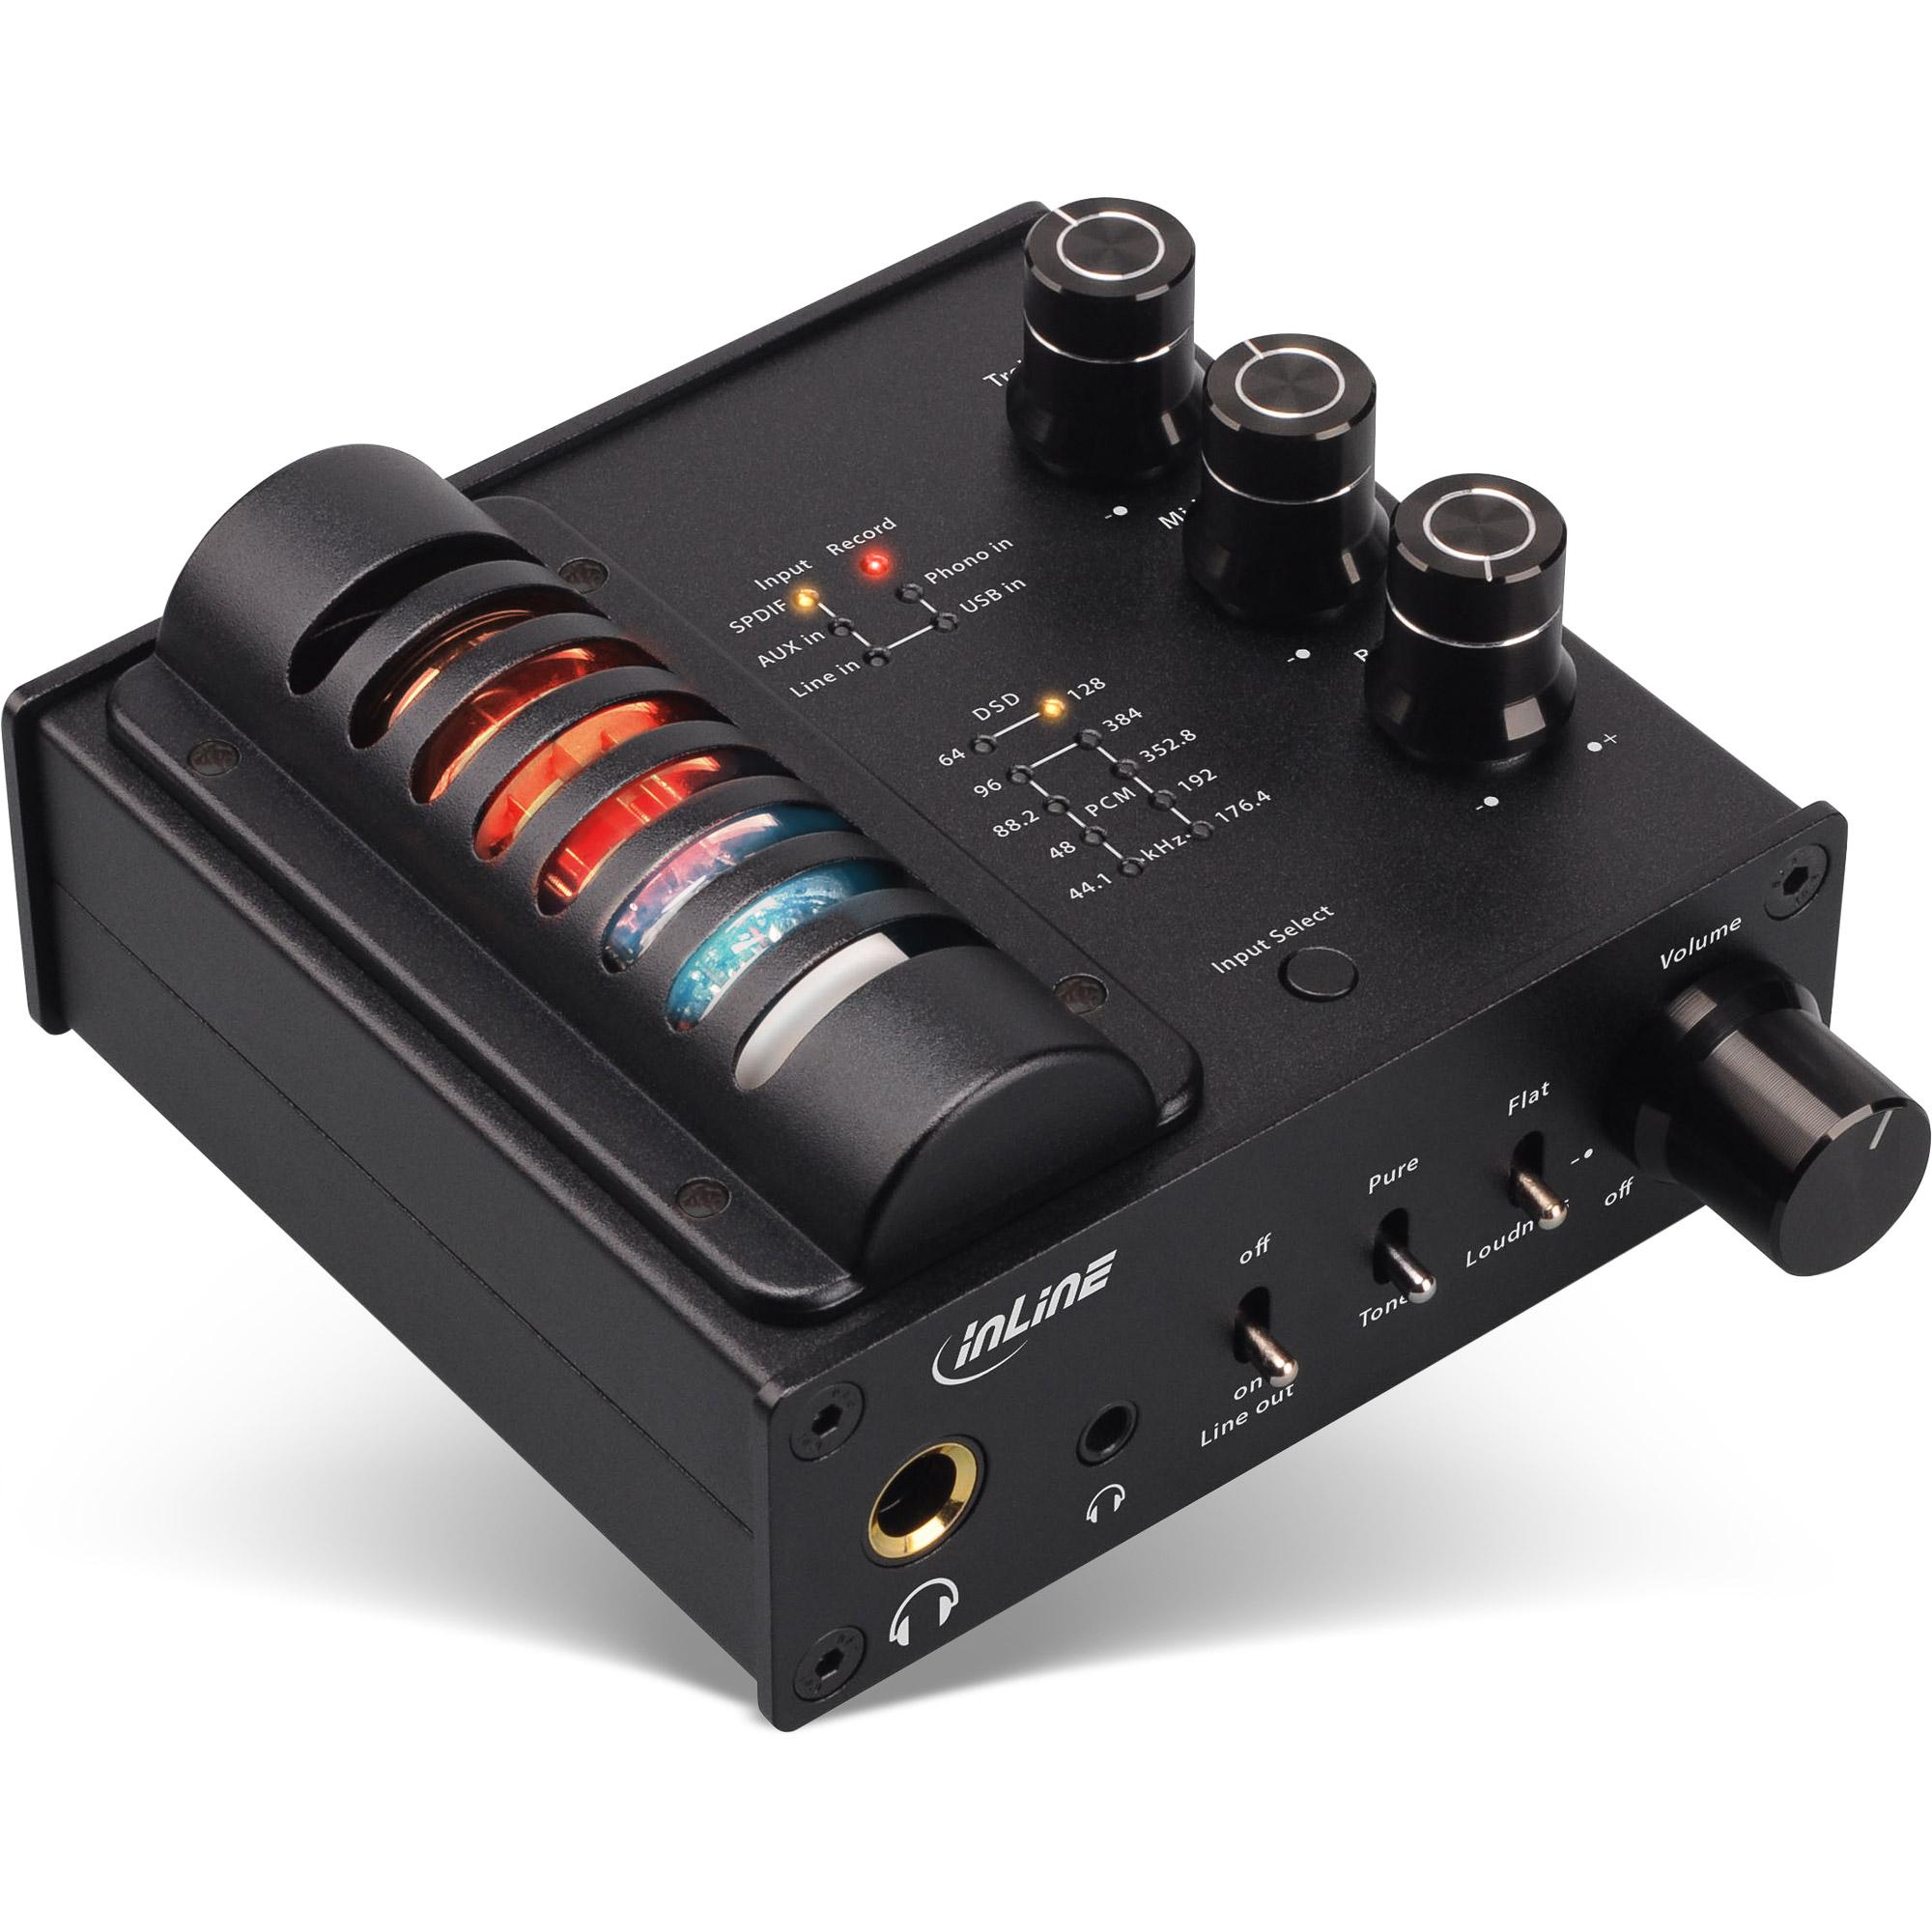 Kabel & Steckverbinder Mini Neu Im Sommer KüHl Und Im Winter Warm Inline® Usb Audio Adapter